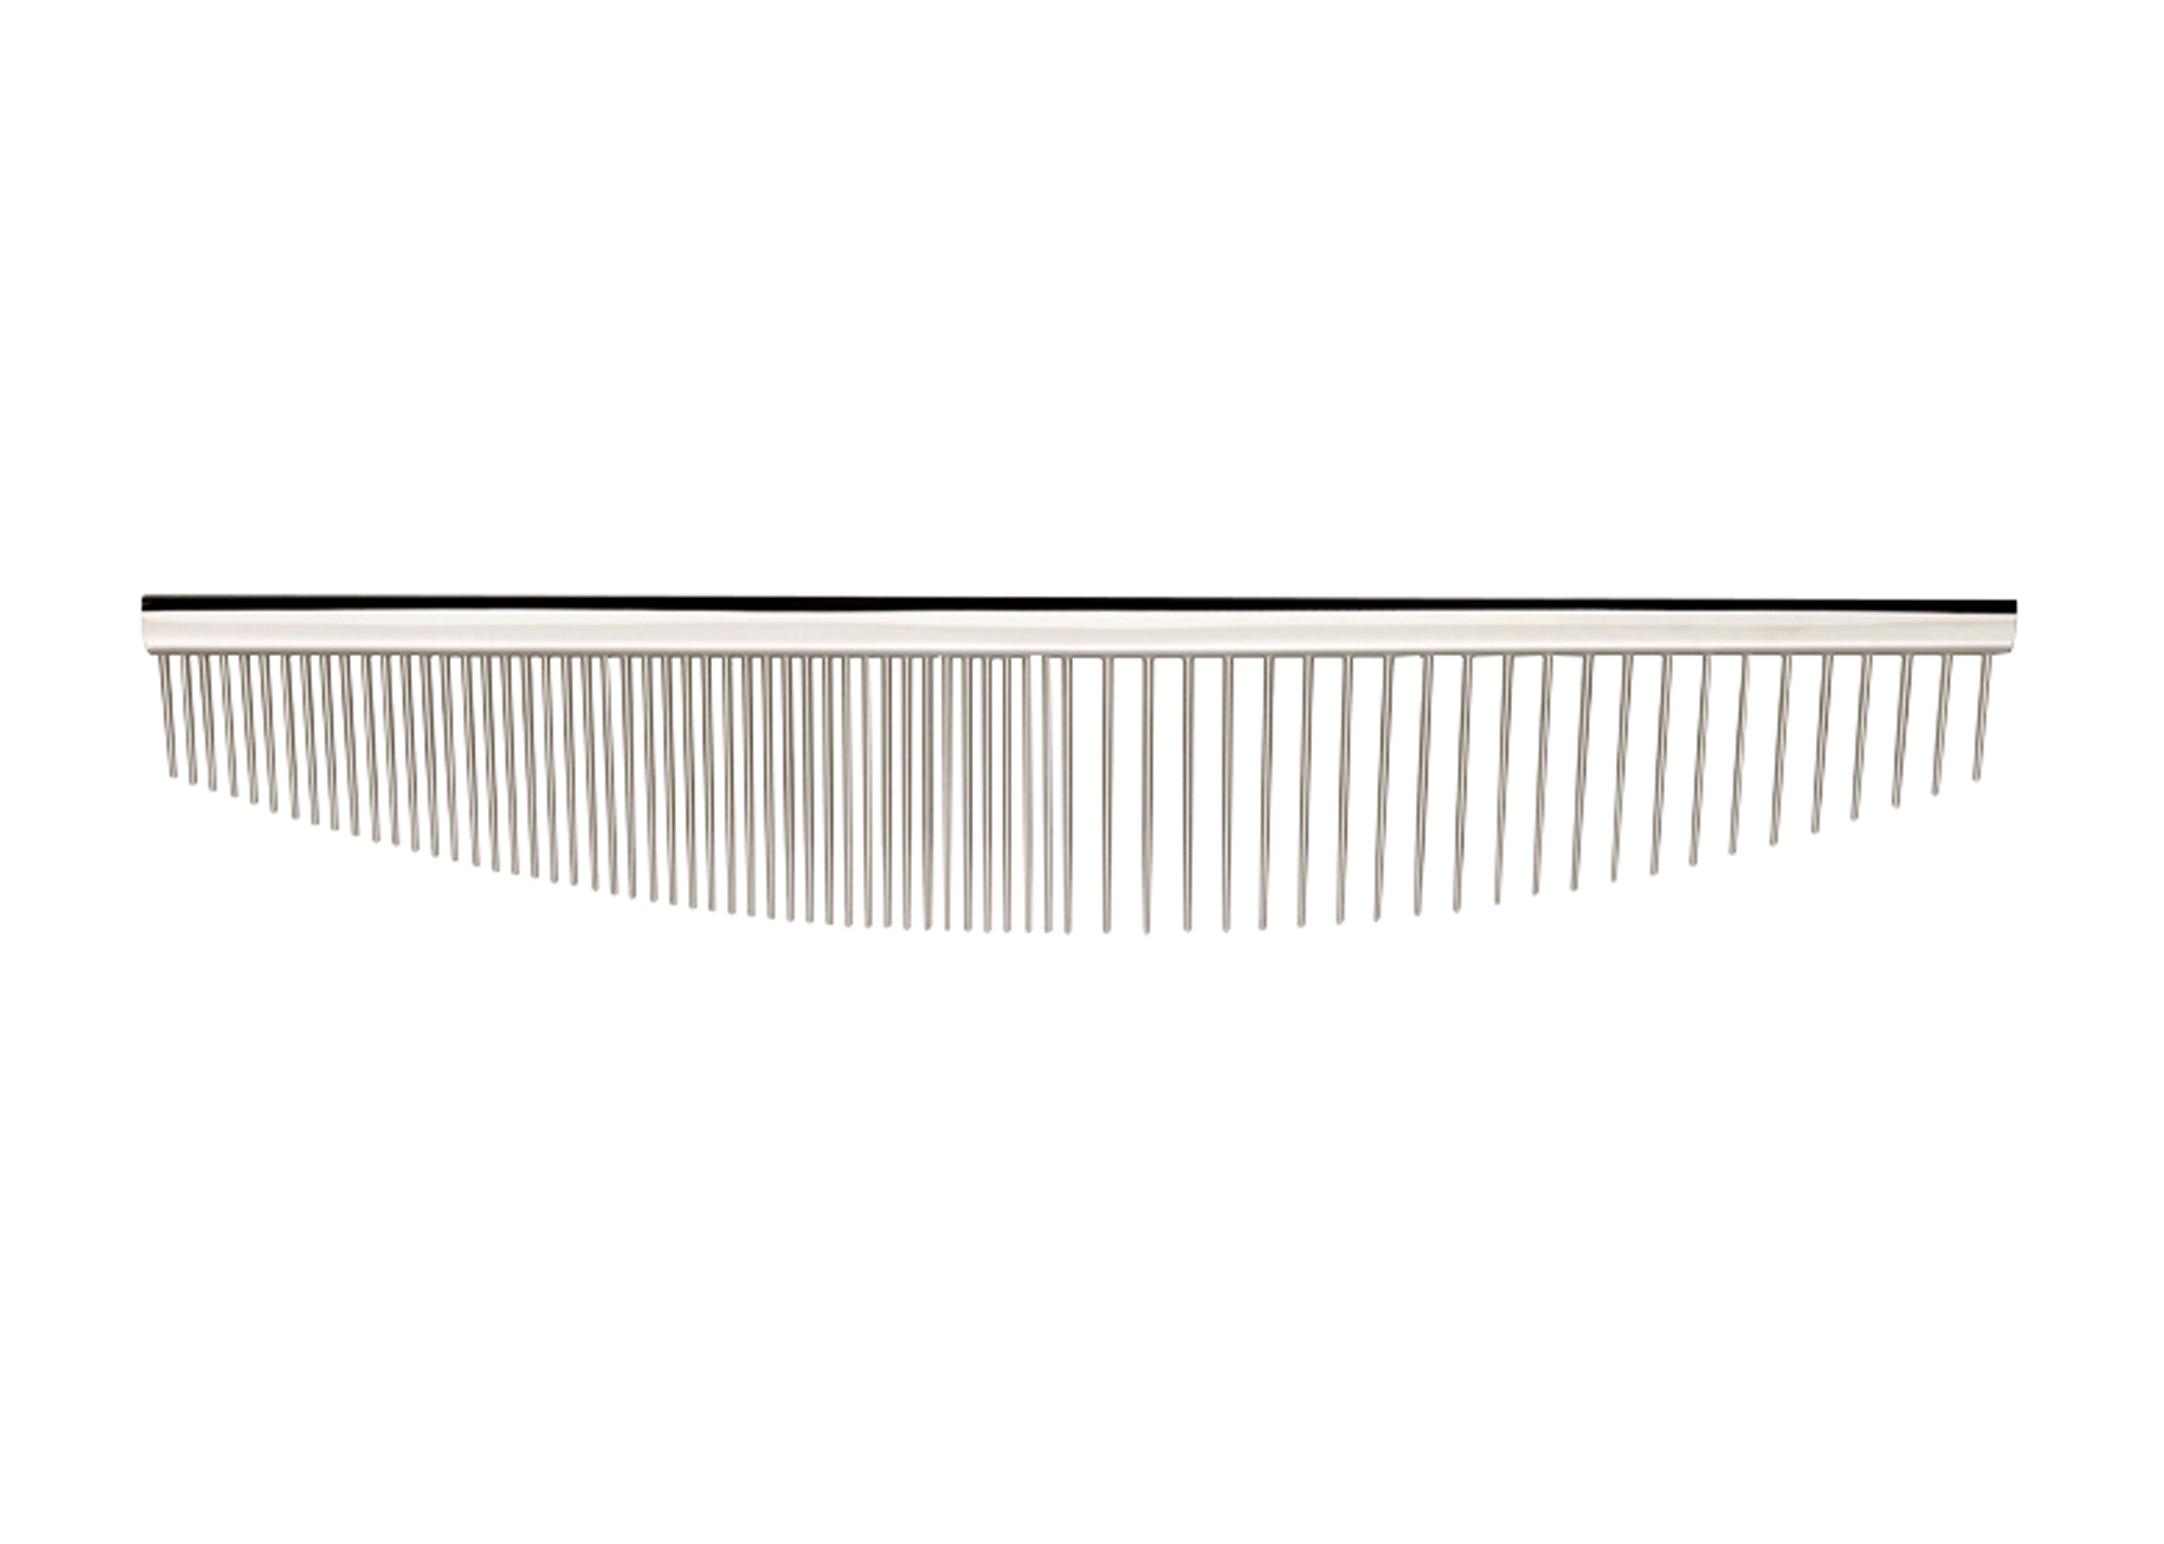 Utsumi U&U Half Moon SS Comb 16,5cm Comb - Transgroom - Pet